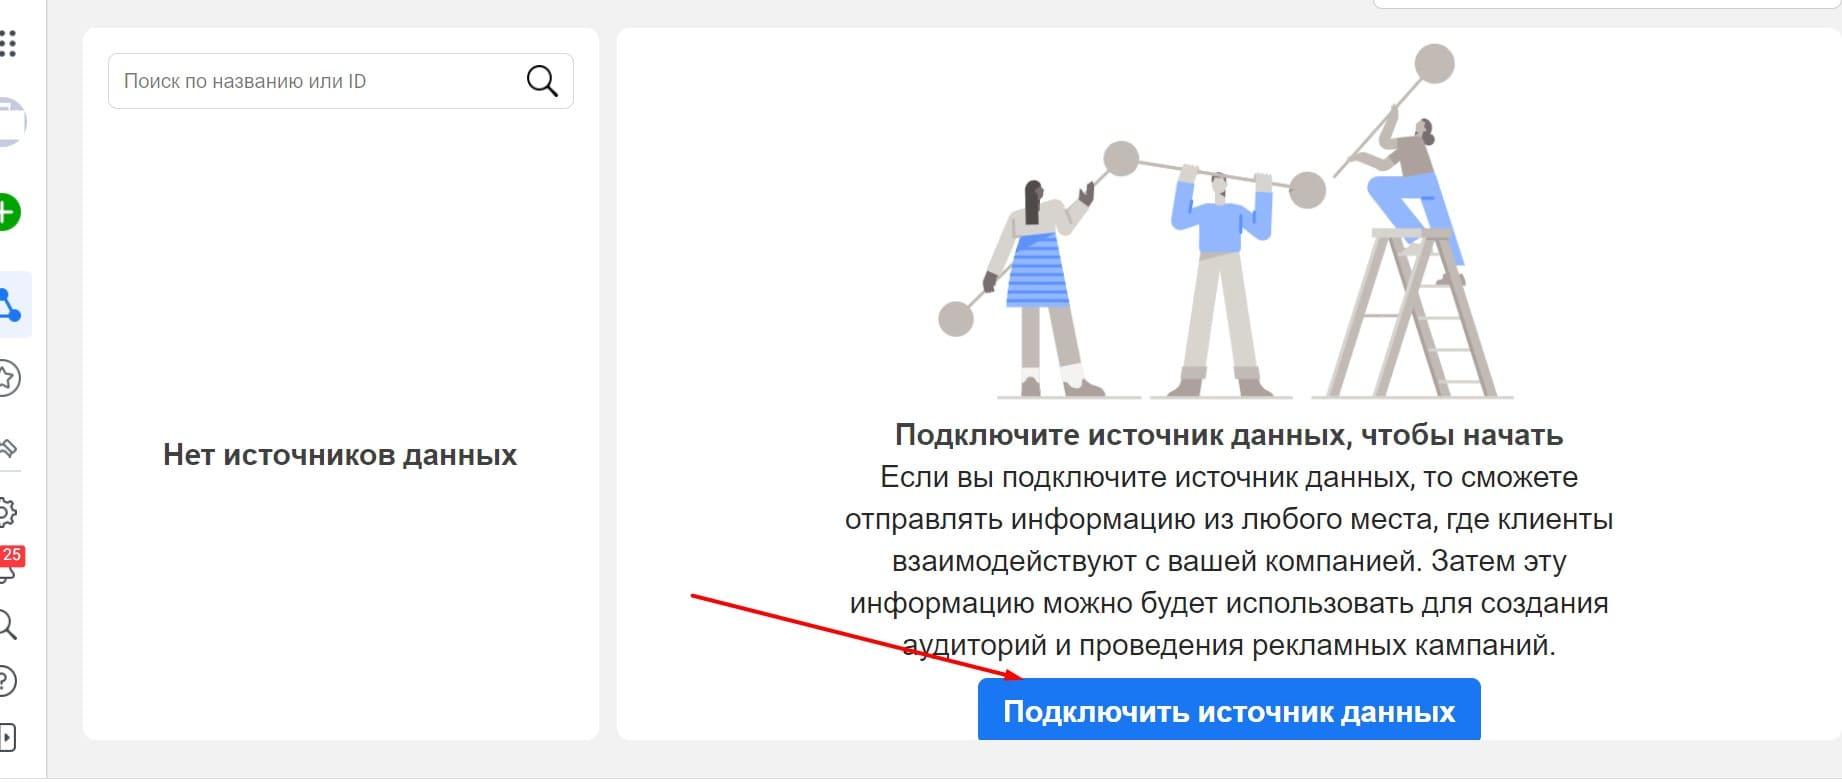 Пиксель Фейсбук: что это такое и как его использовать, за 3 шага